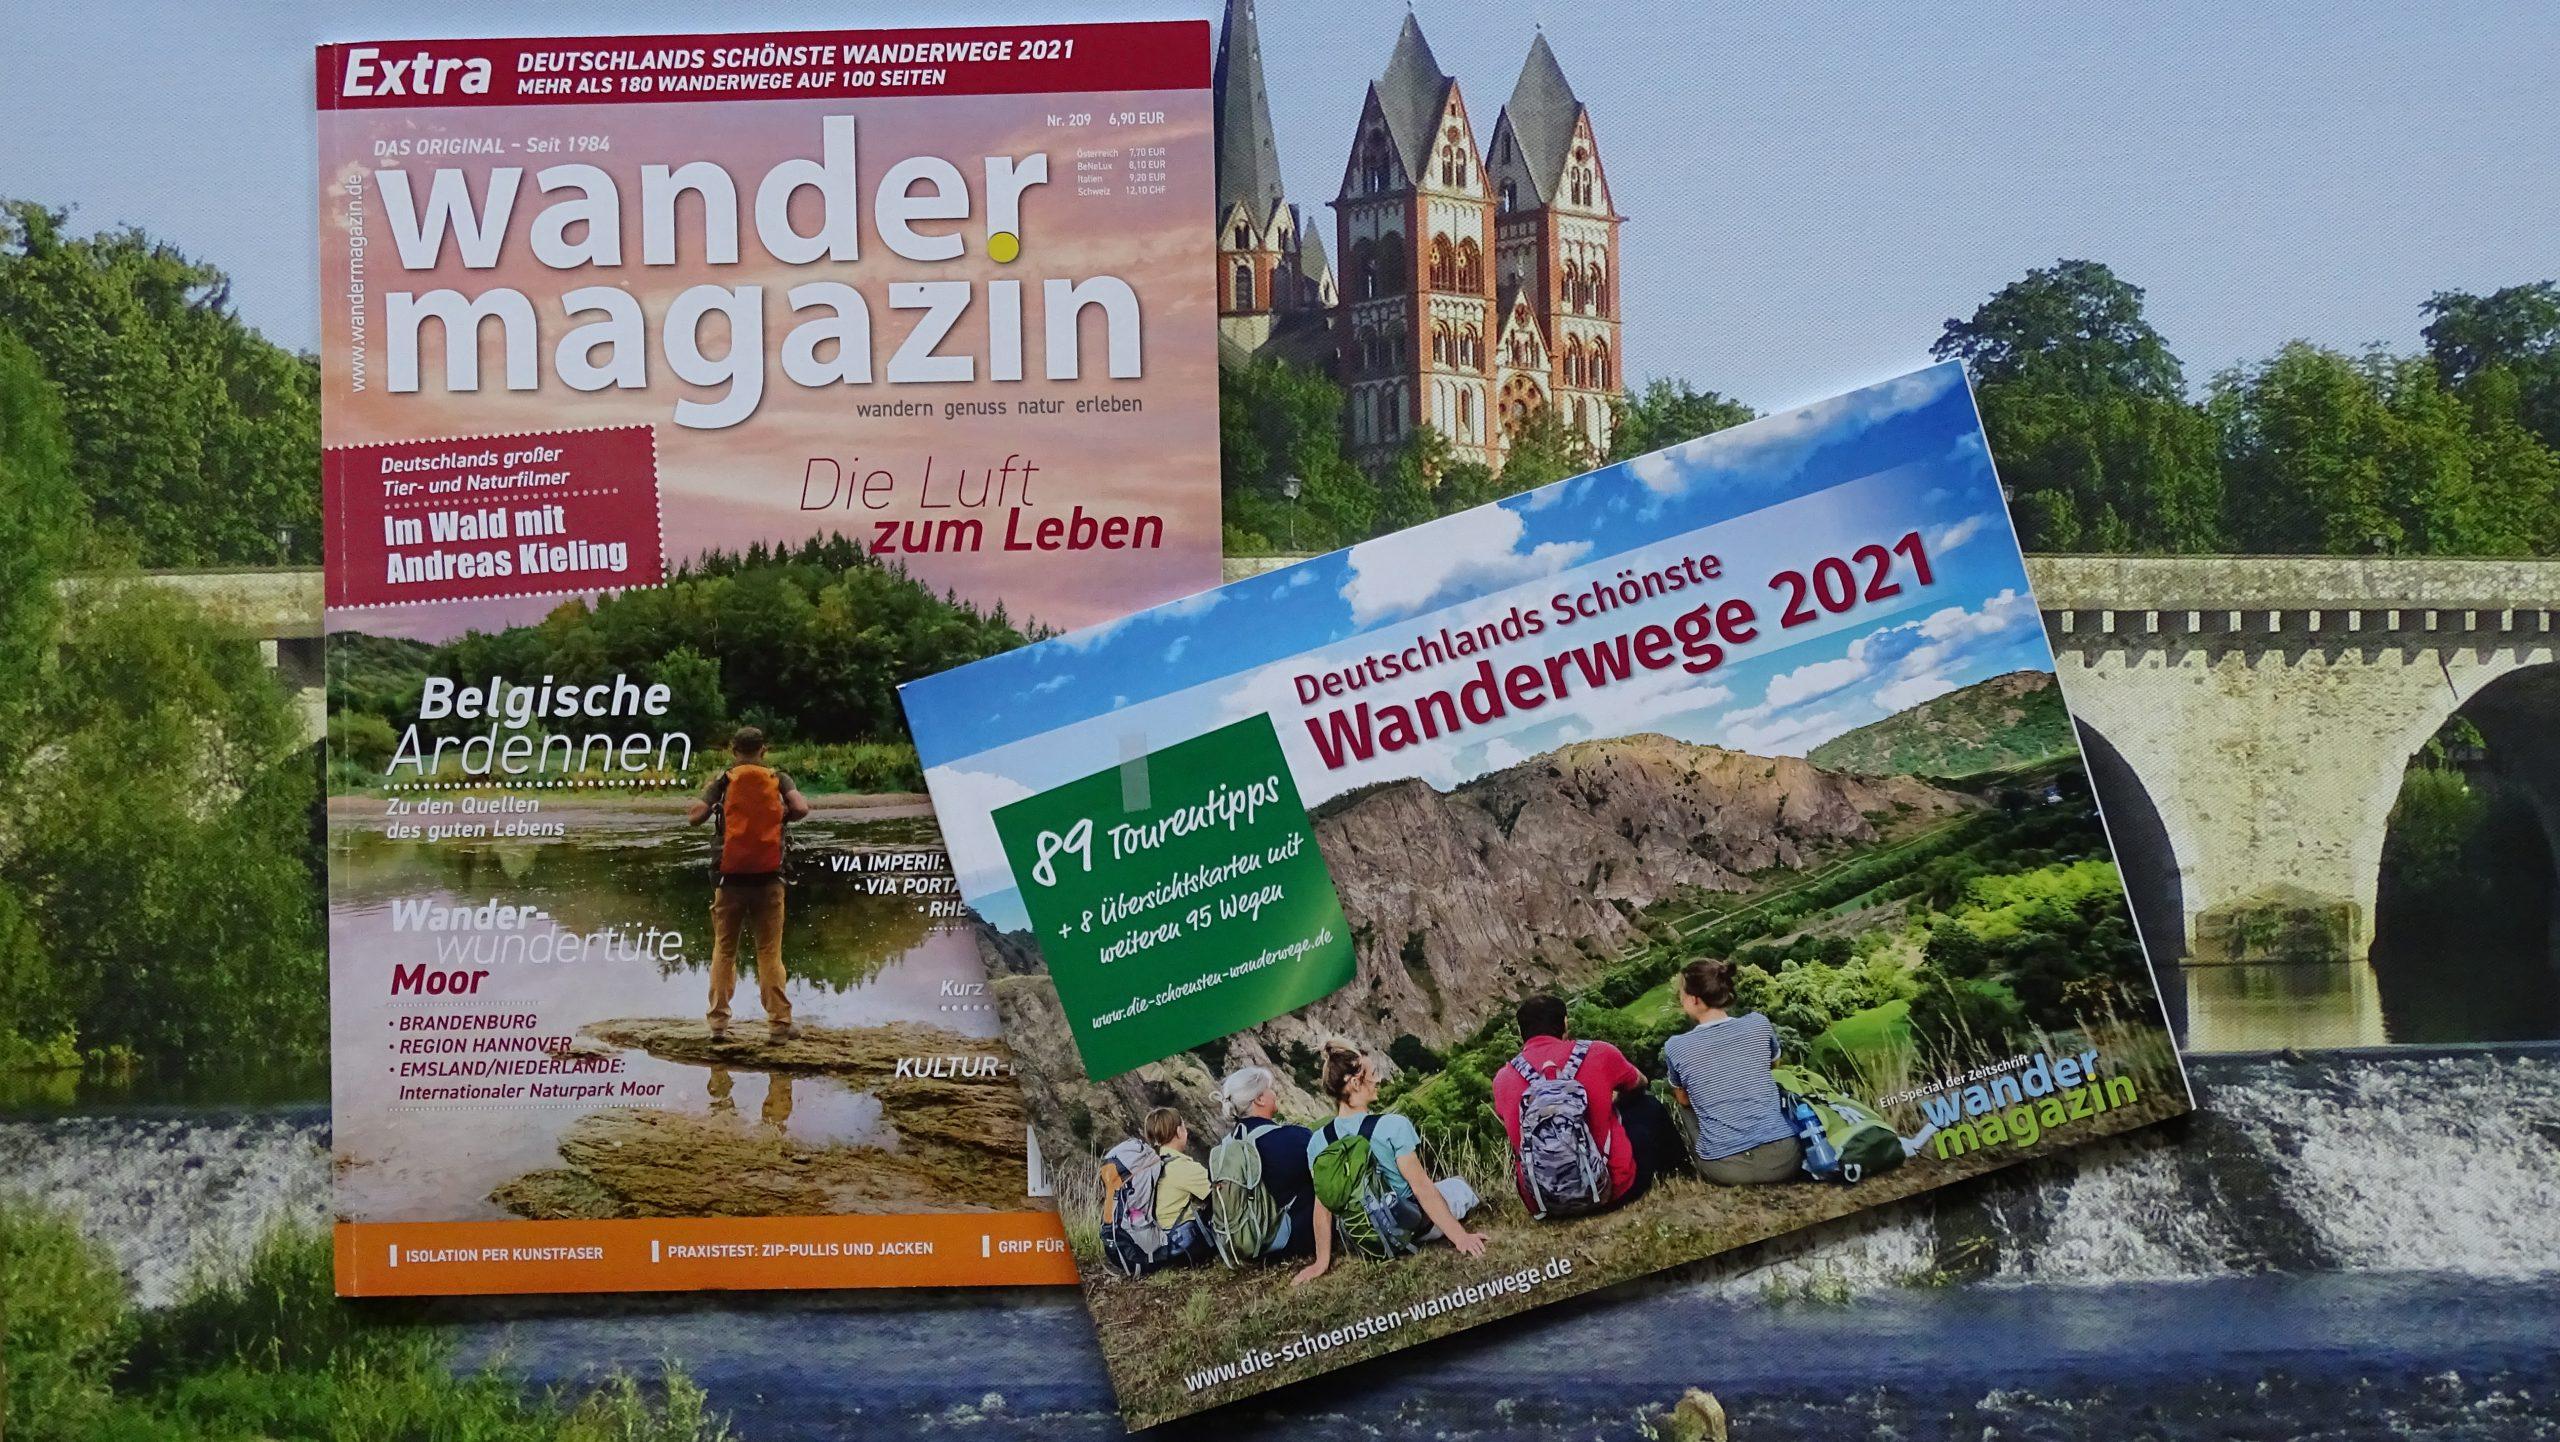 Deutschlands schönster Wanderweg 2021 - Wahlstudio geöffnet | Outdoorsuechtig